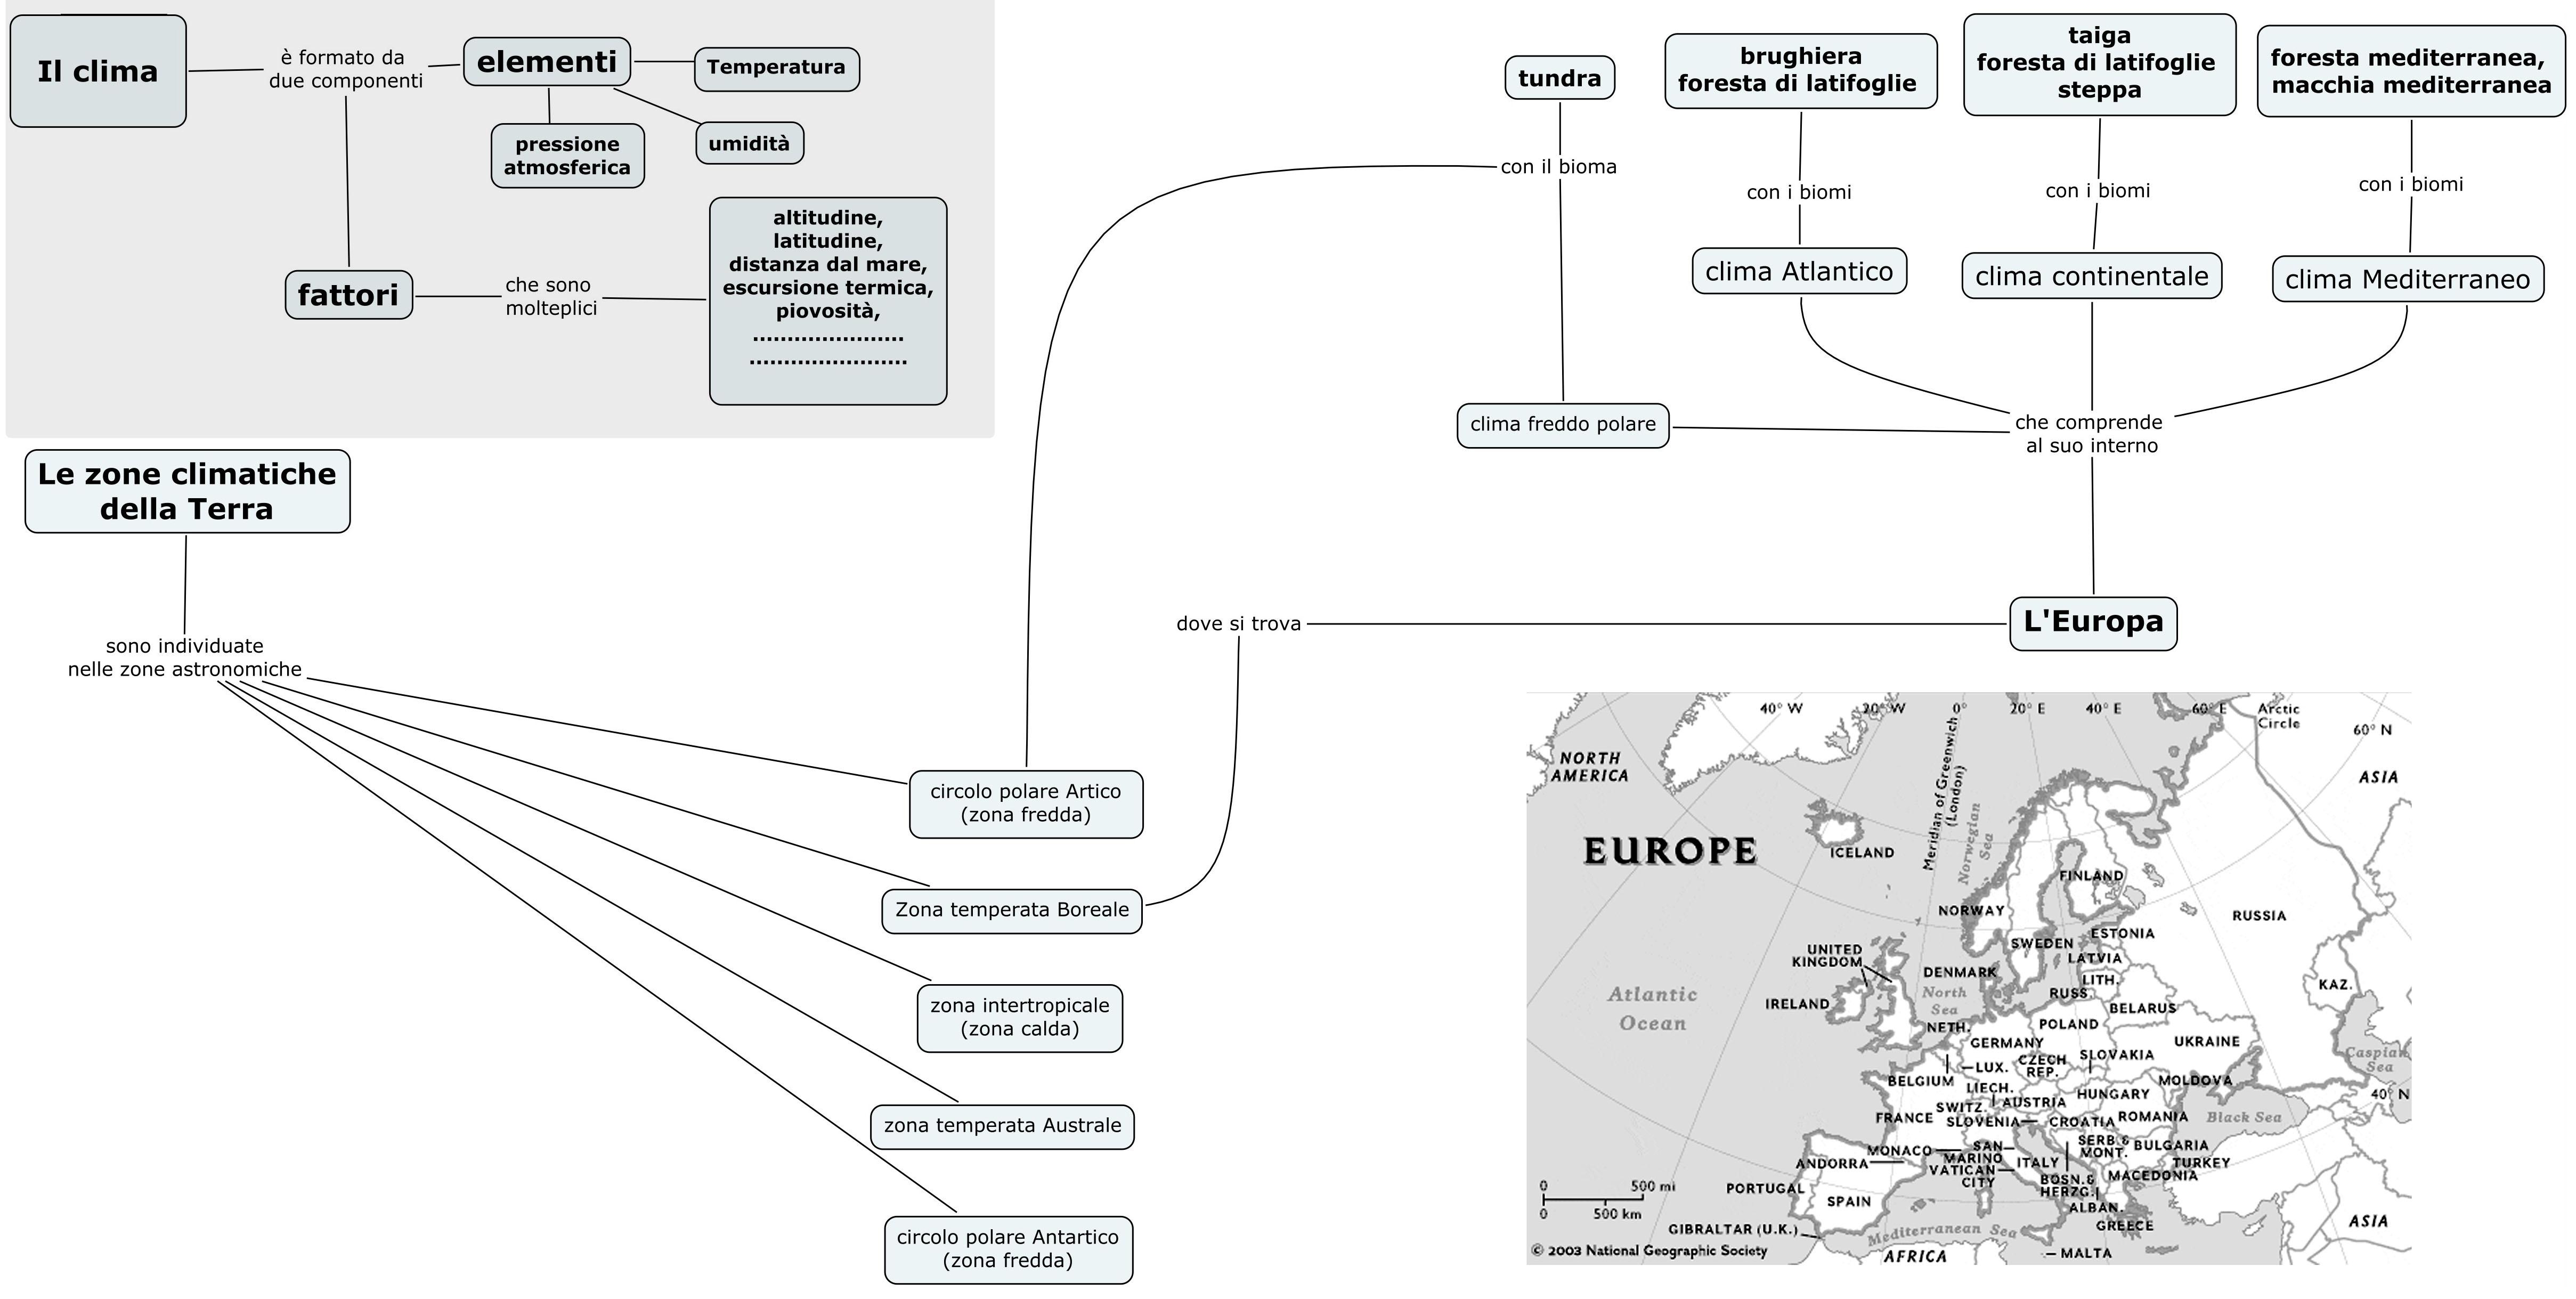 Geografia generale  Geografia per tutti